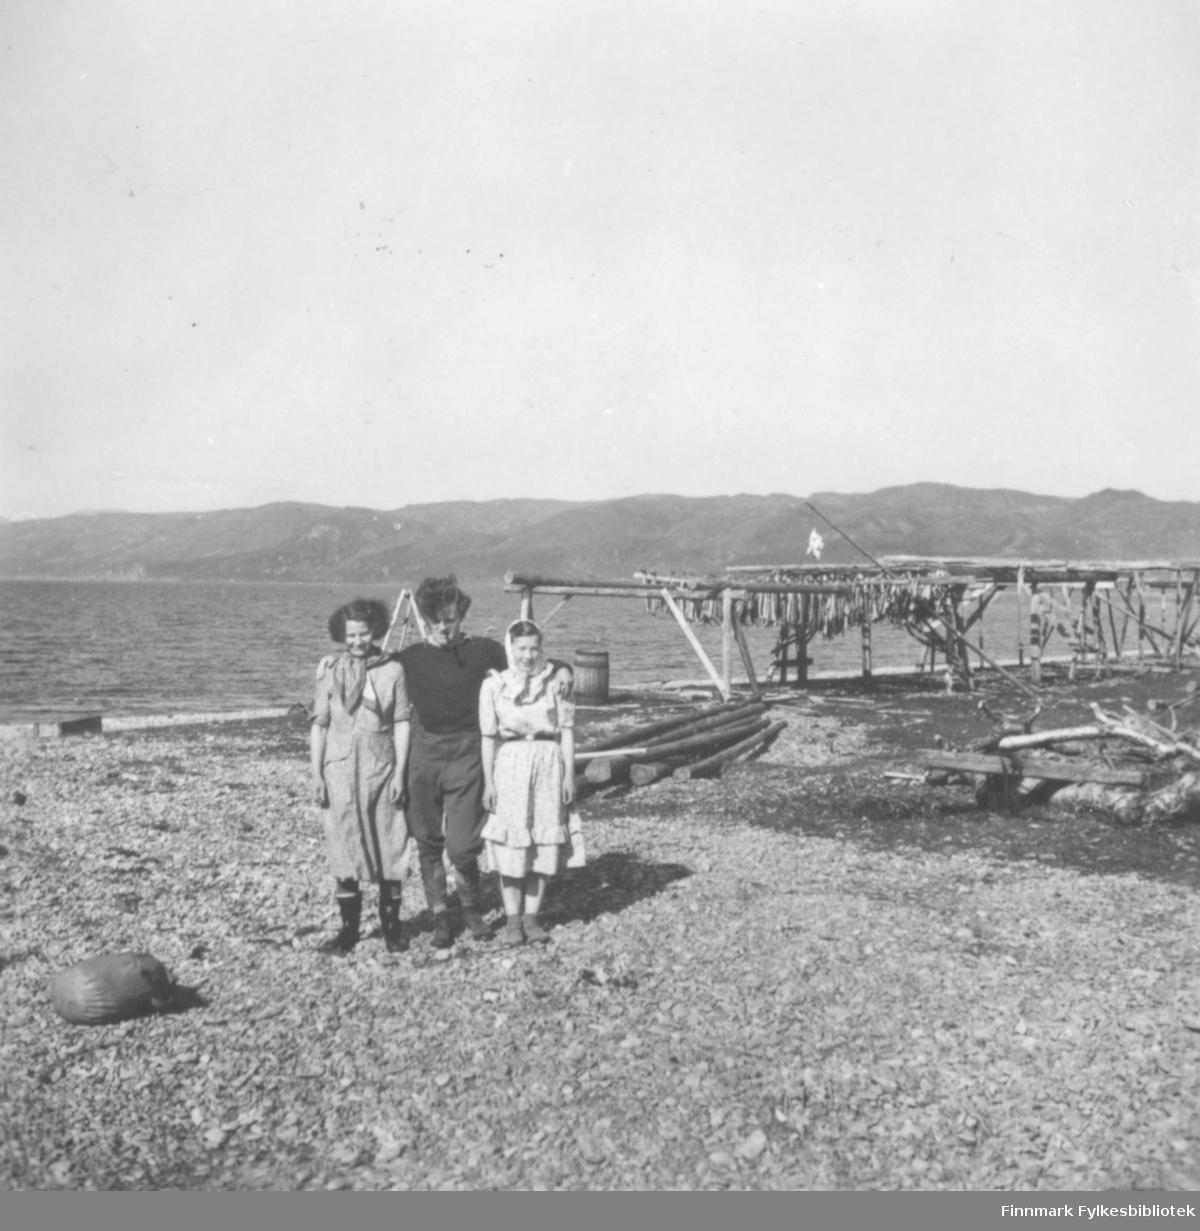 Den engelske antropologen Robert Paine som står imellom to kvinner. Ragnhild Andersen står til venstre. Kvinnen til høyre er Elbjørg Amundsen. Ned mot sjøen henger det fisk på hjeller. Fjellene ses i bakgrunnen